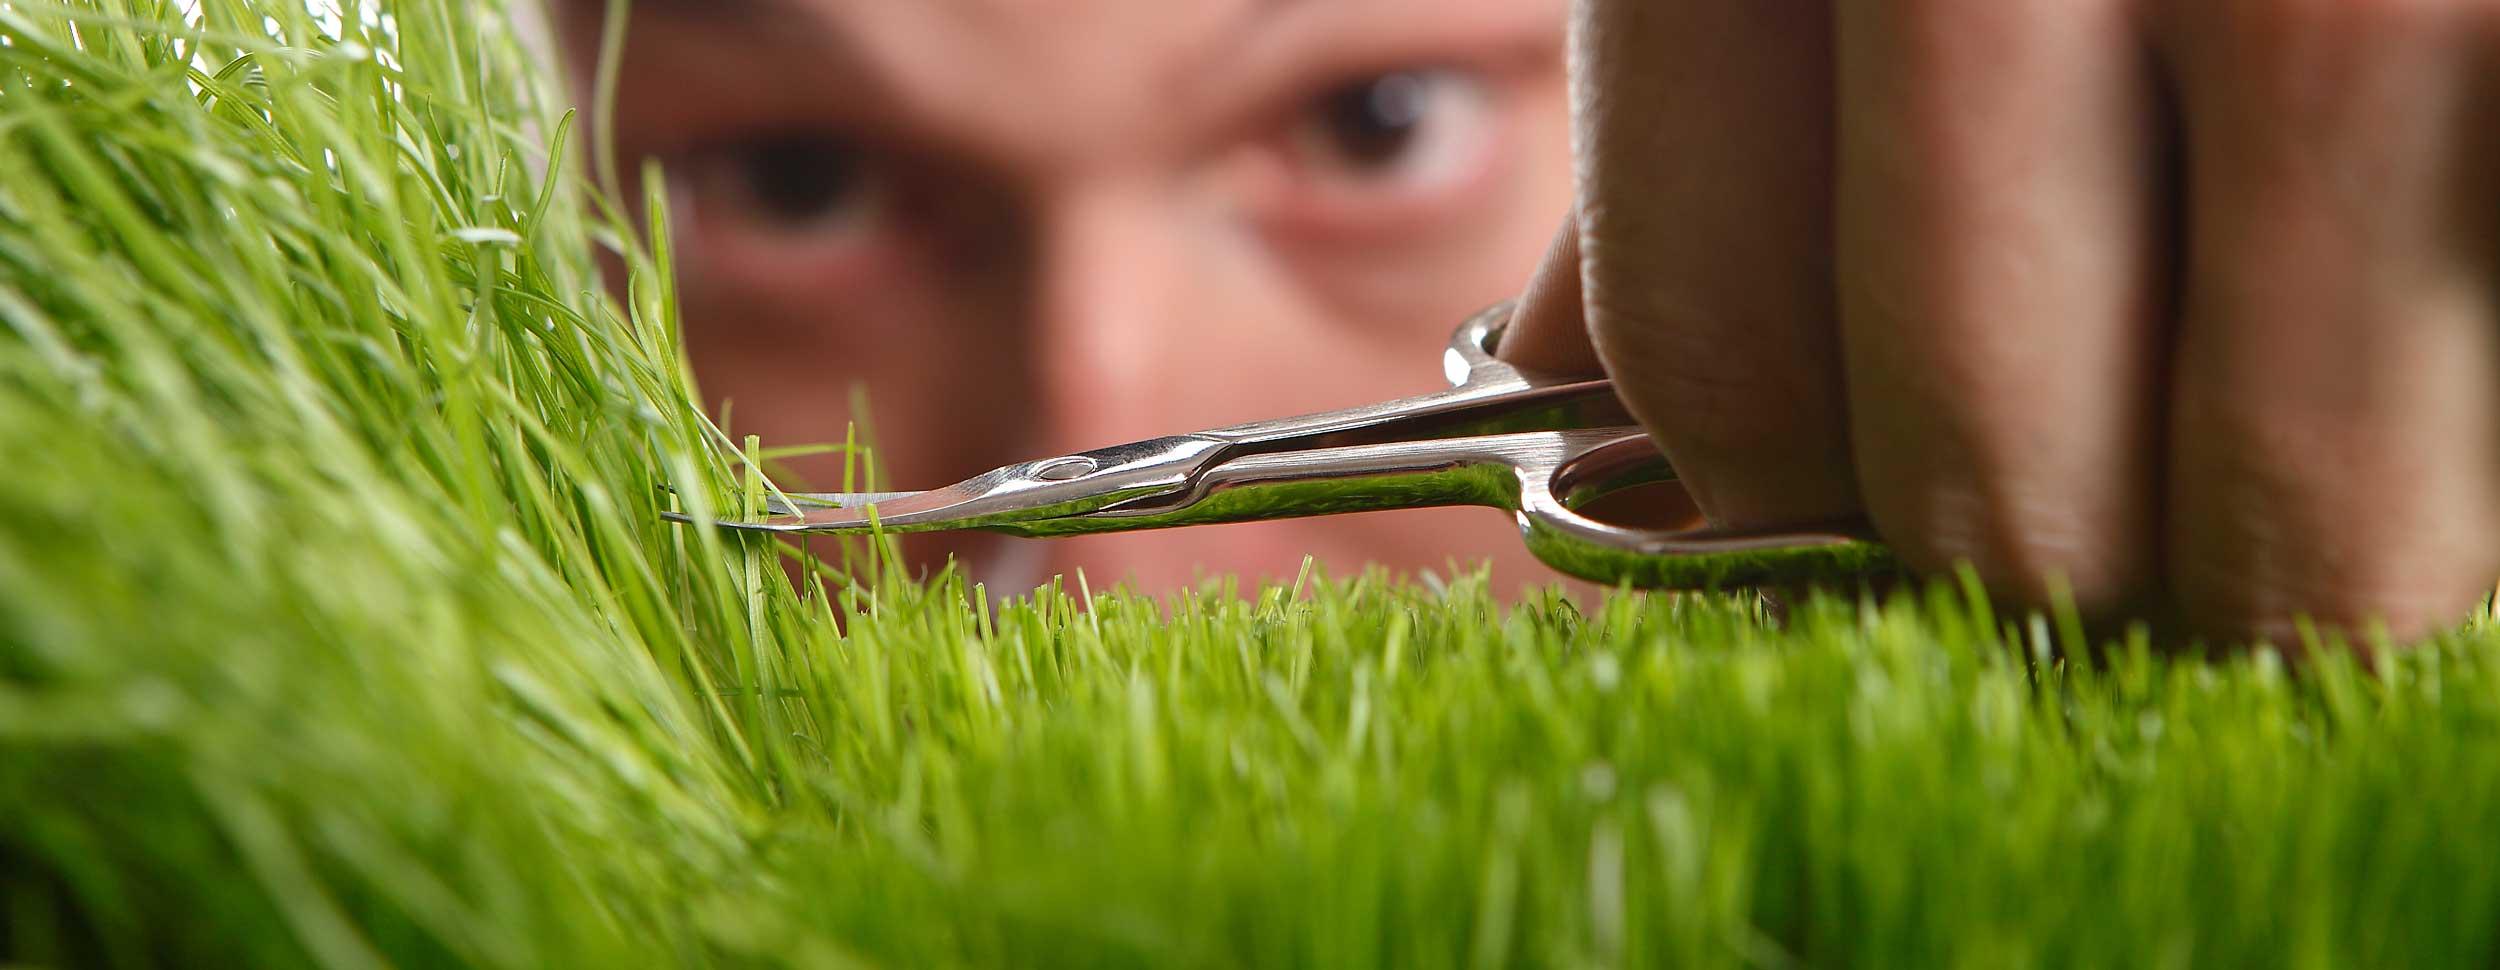 Mann-schneidet-Gras-mit-Schere-genau-Rutnig-Seppi-Rasenservice